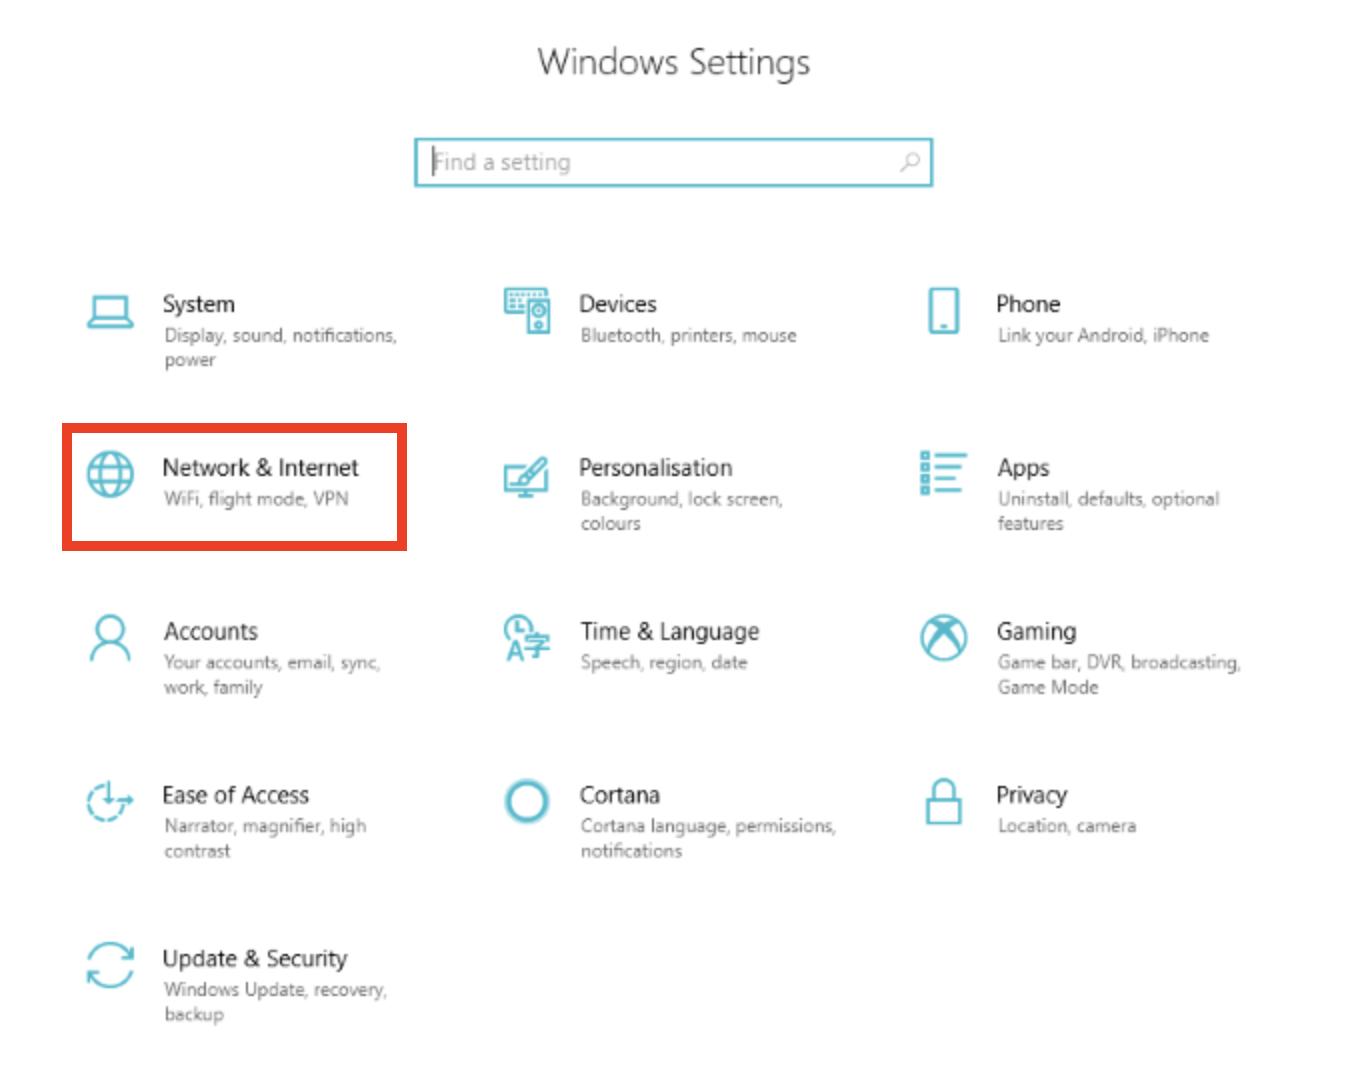 Solusi TERBAIK untuk memperbaiki Windows 10 terjebak dalam kesalahan Mode Pesawat